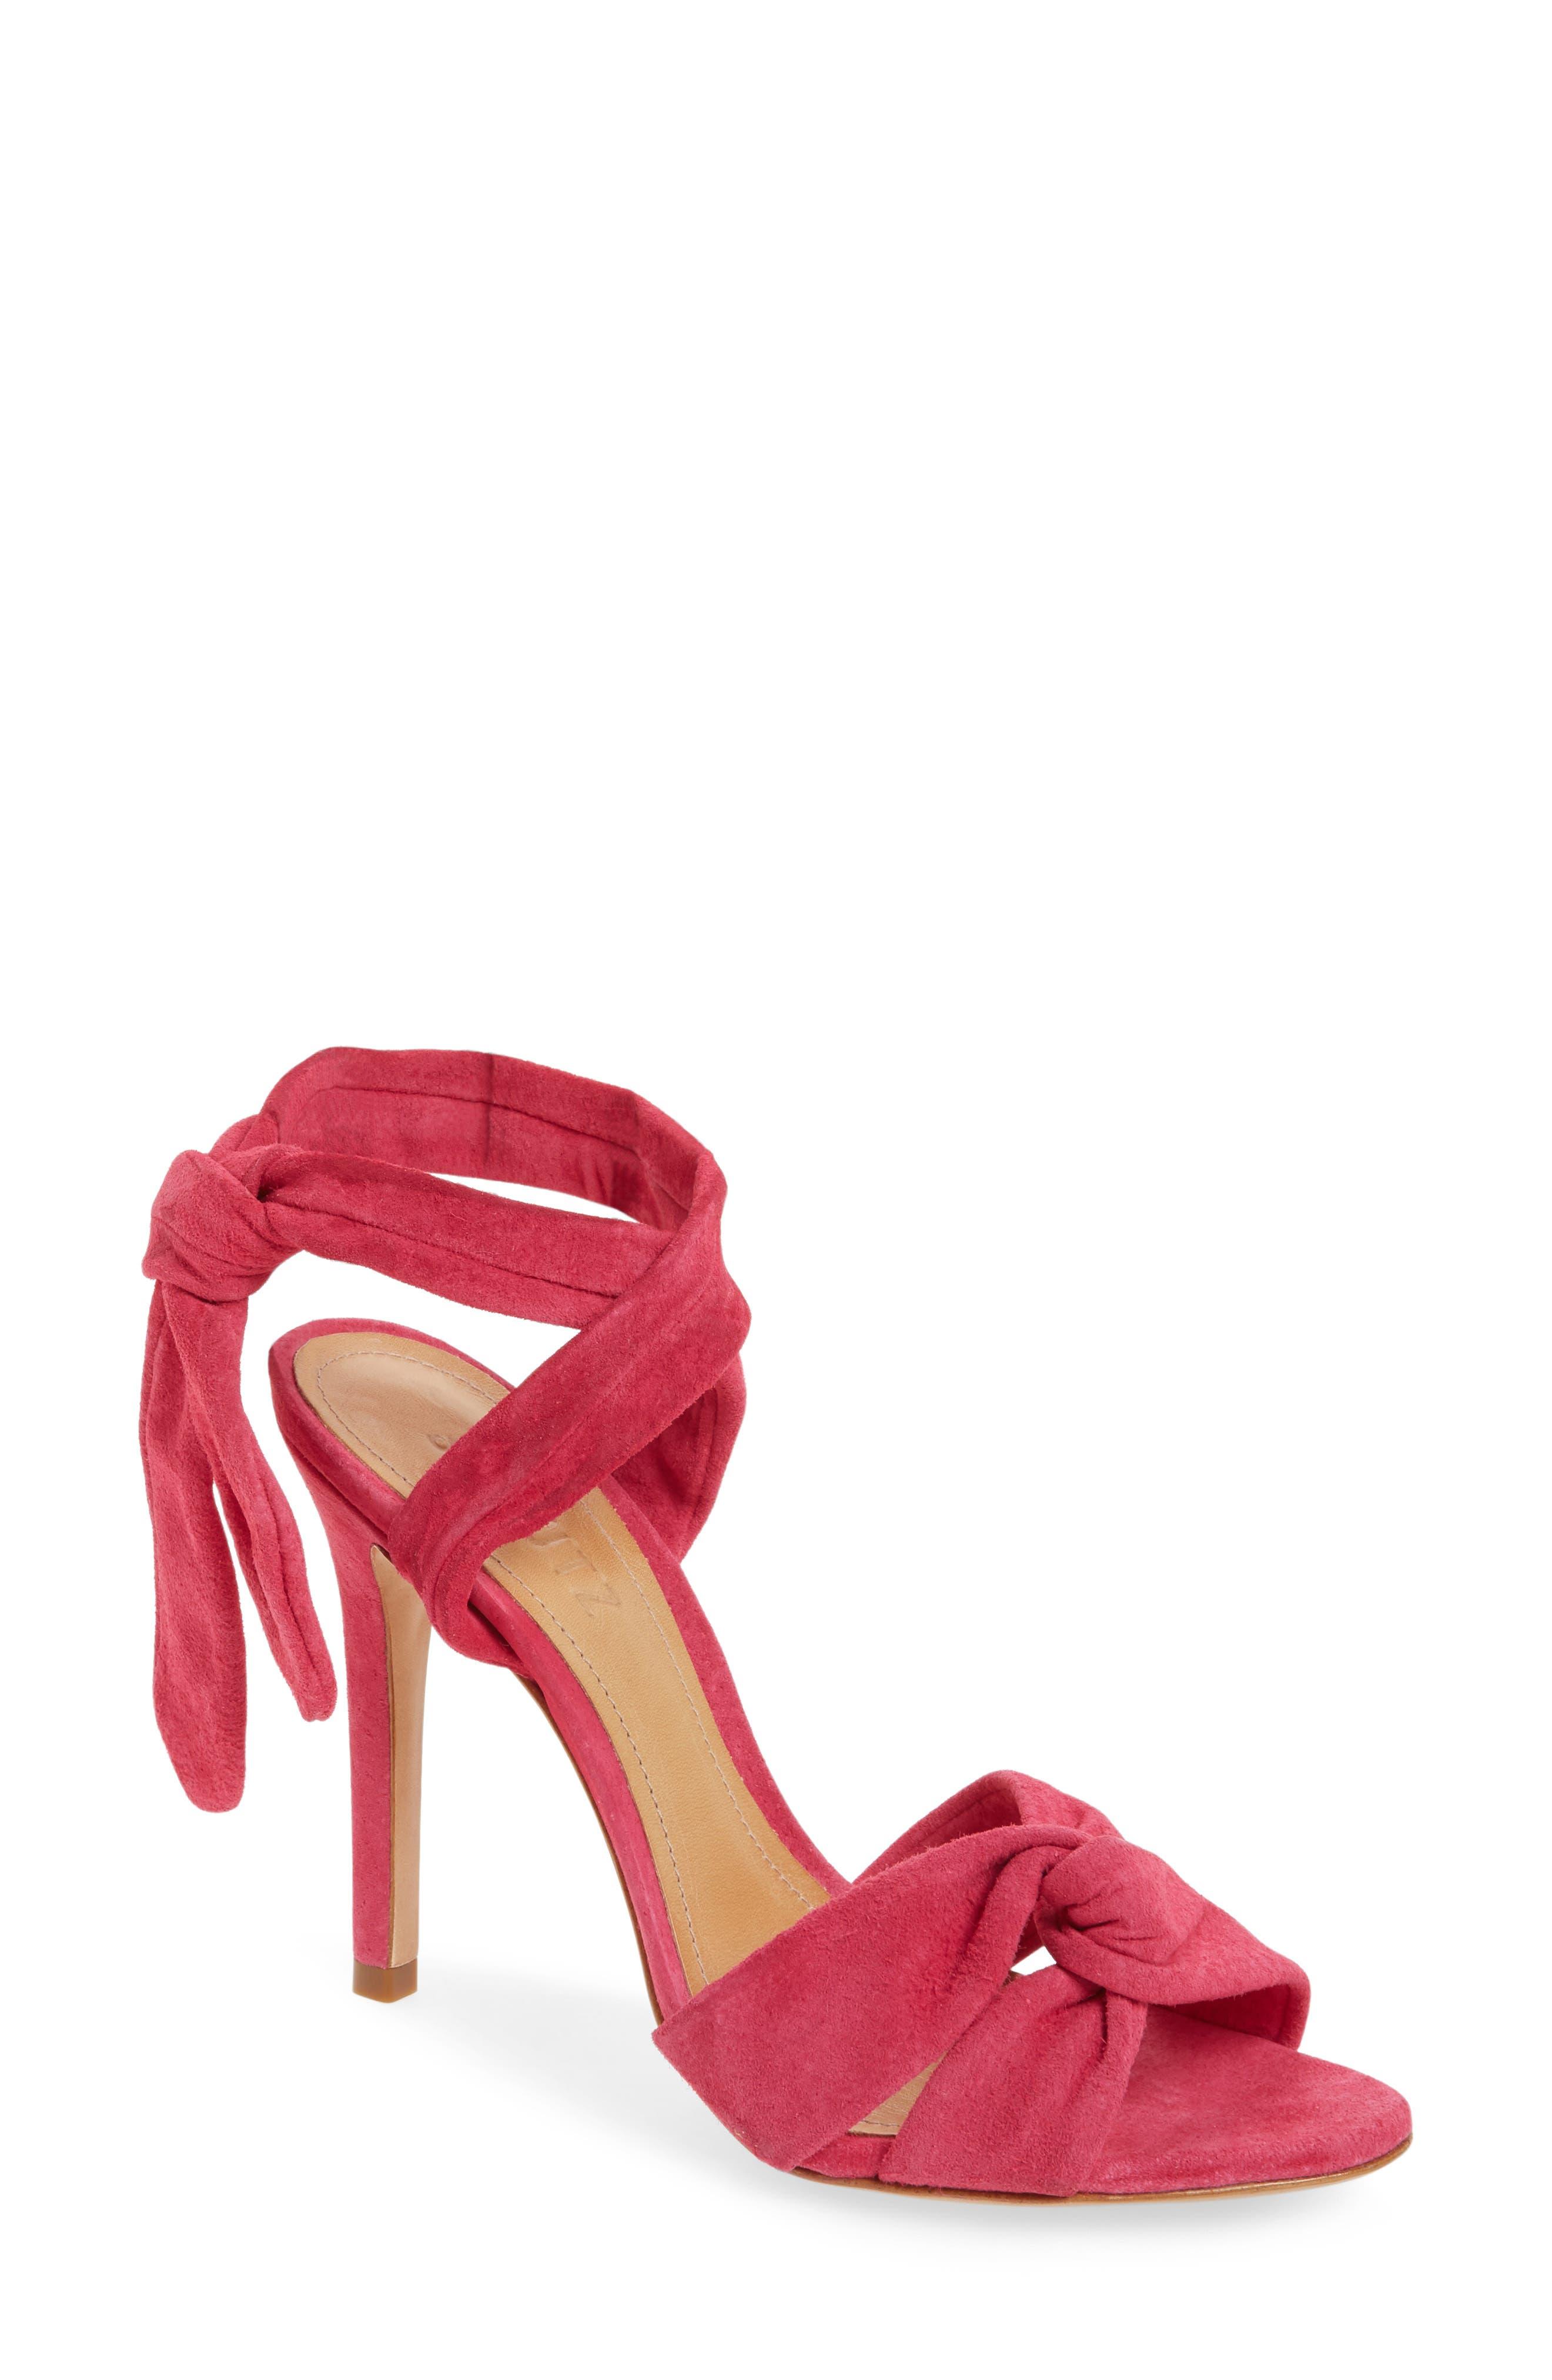 Monia Sandal,                         Main,                         color, Rose Pink